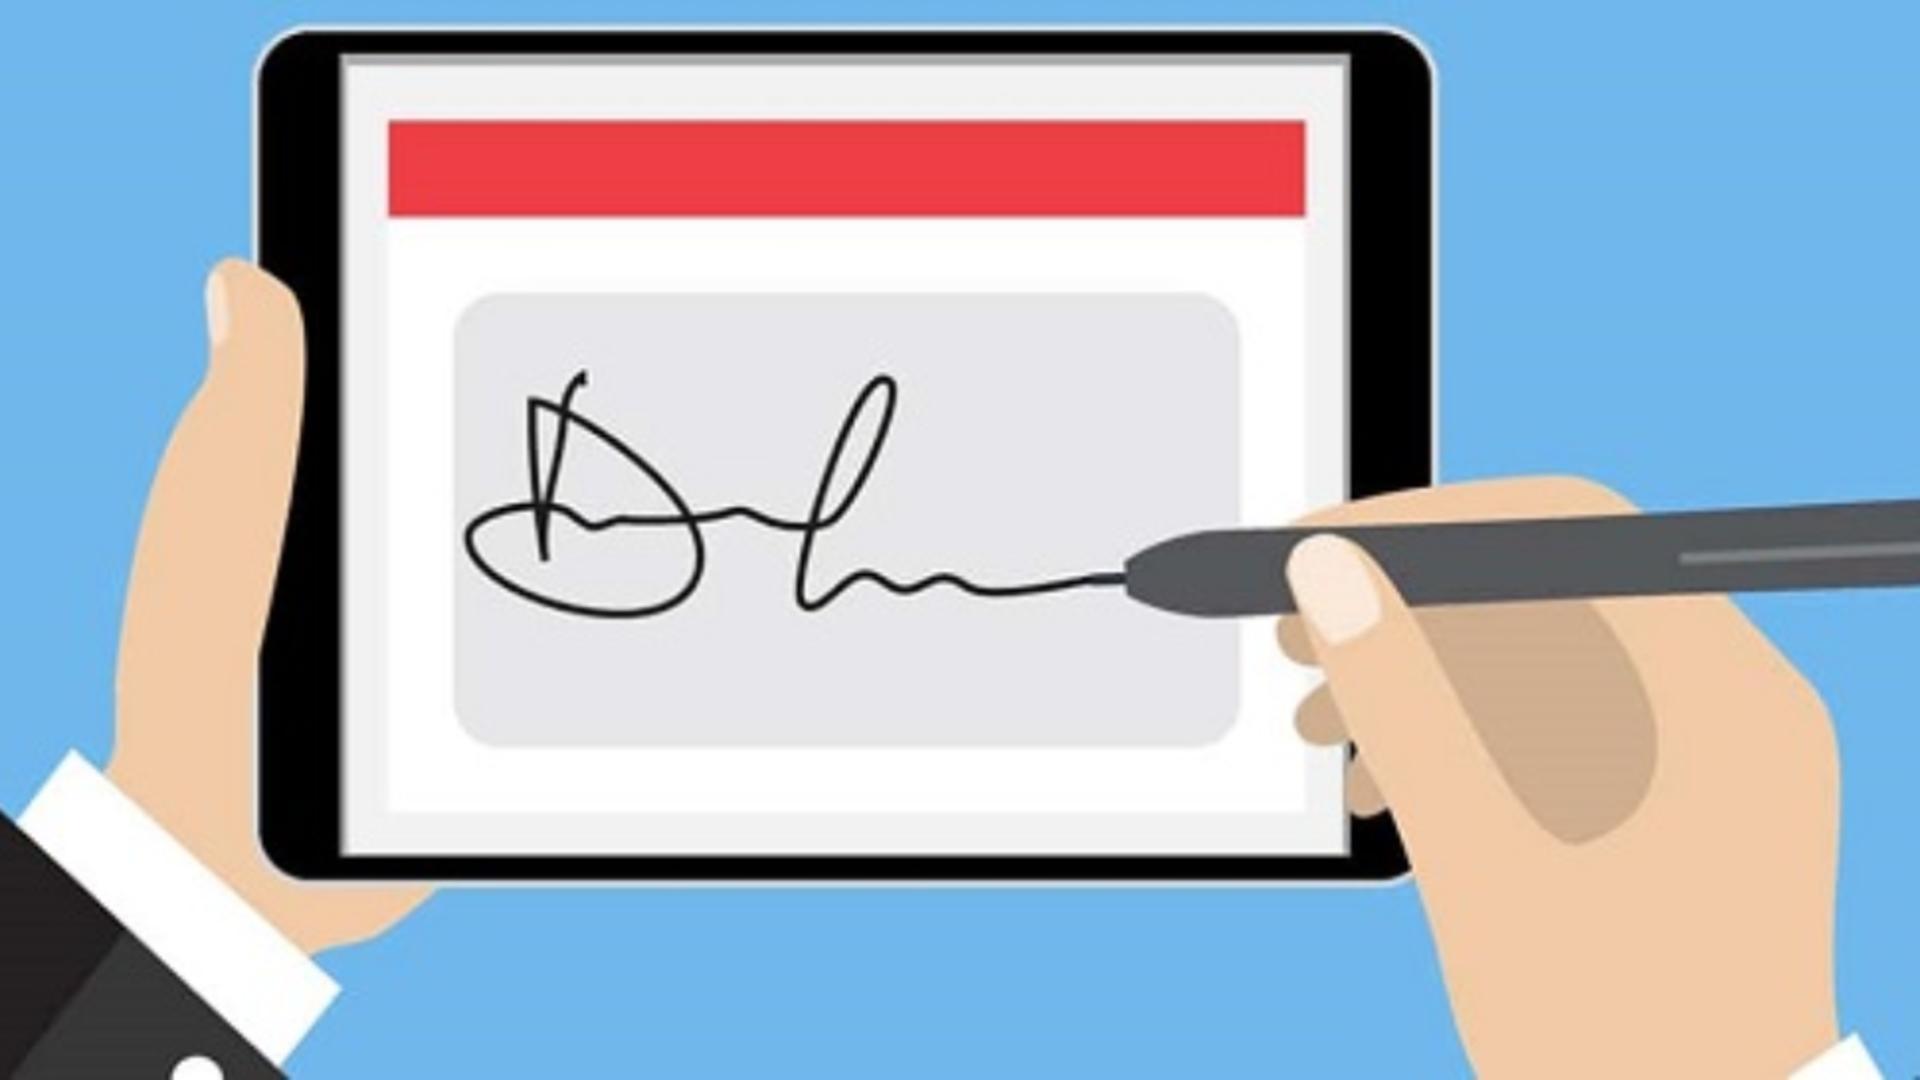 Semnătura electonică, din ce în ce mai folosită (sursă: https://www.consultia.ro)